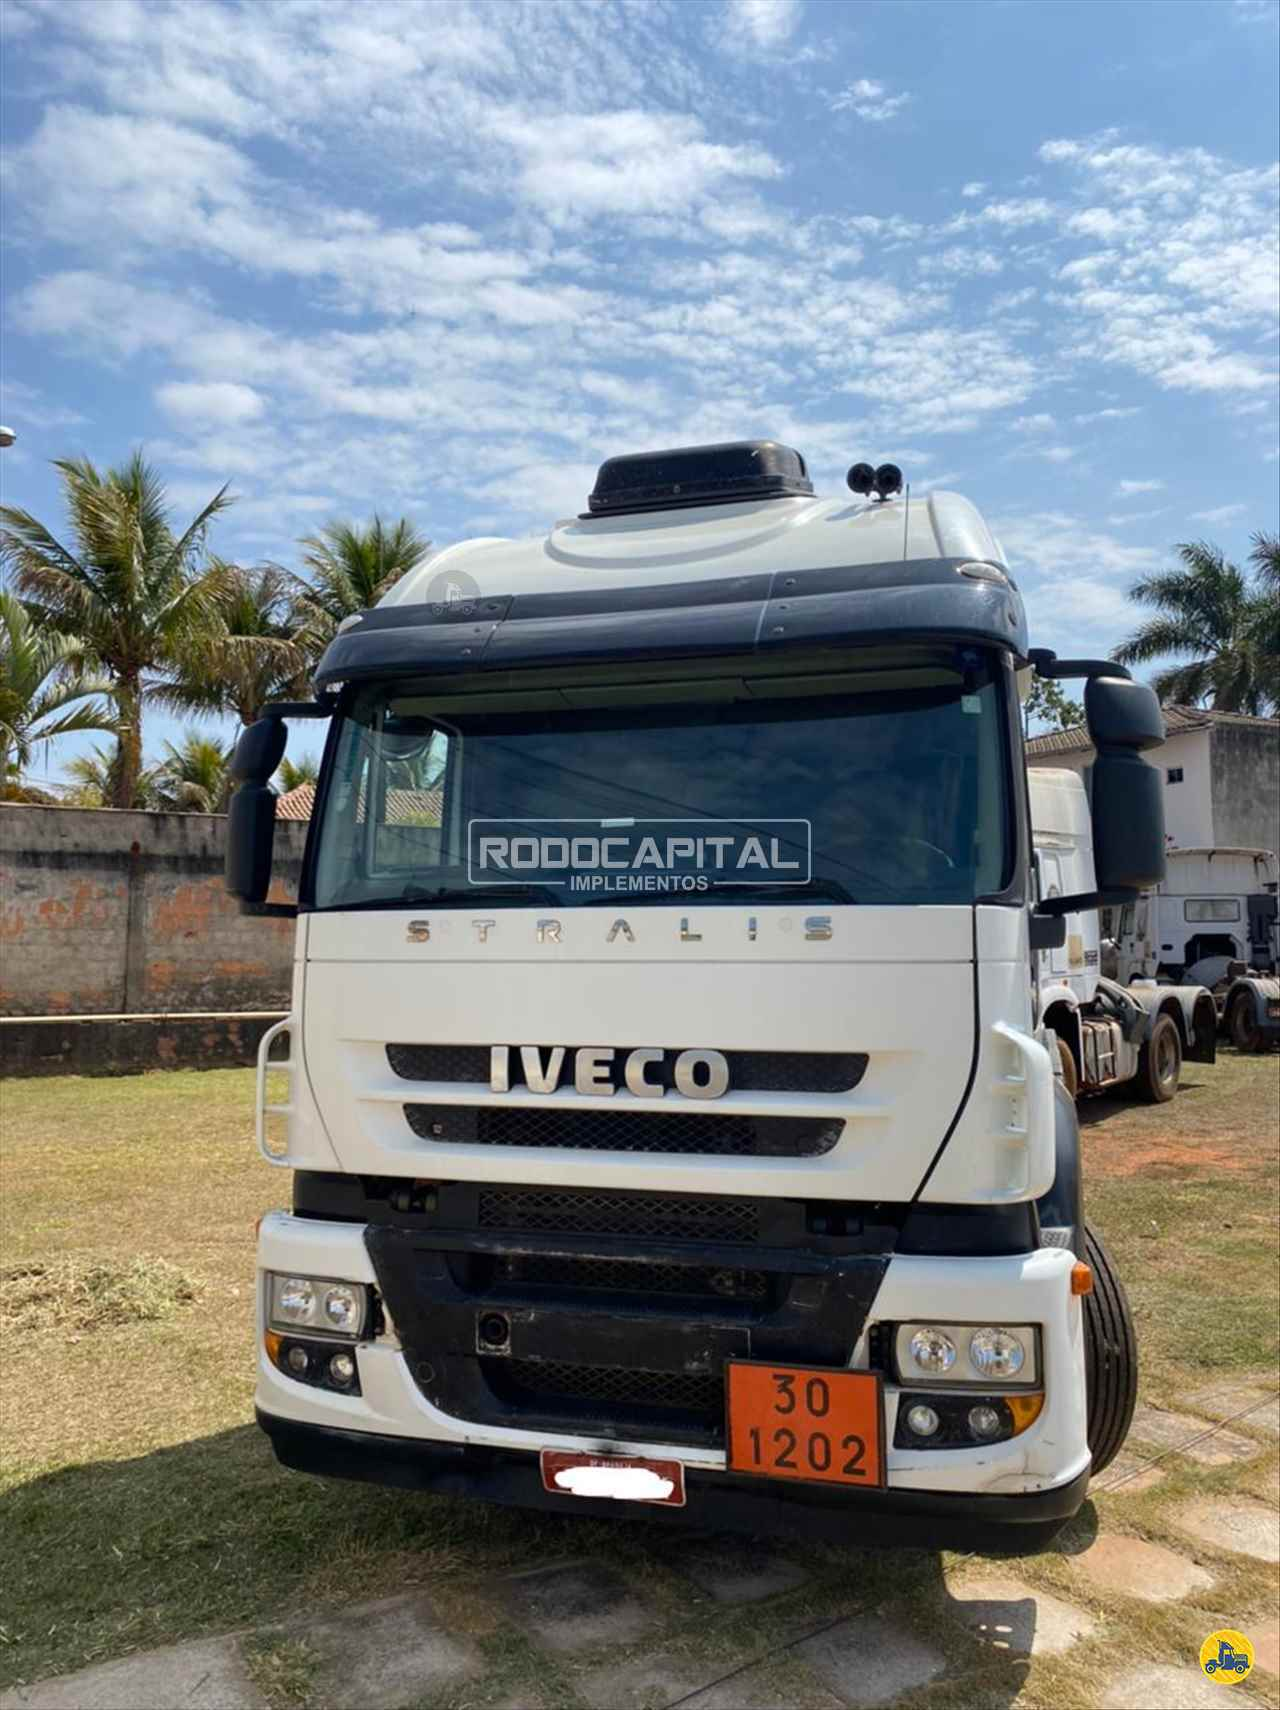 CAMINHAO IVECO STRALIS 460 Cavalo Mecânico Traçado 6x4 RODOCAPITAL - TRUCKVAN BRASILIA DISTRITO FEDERAL DF